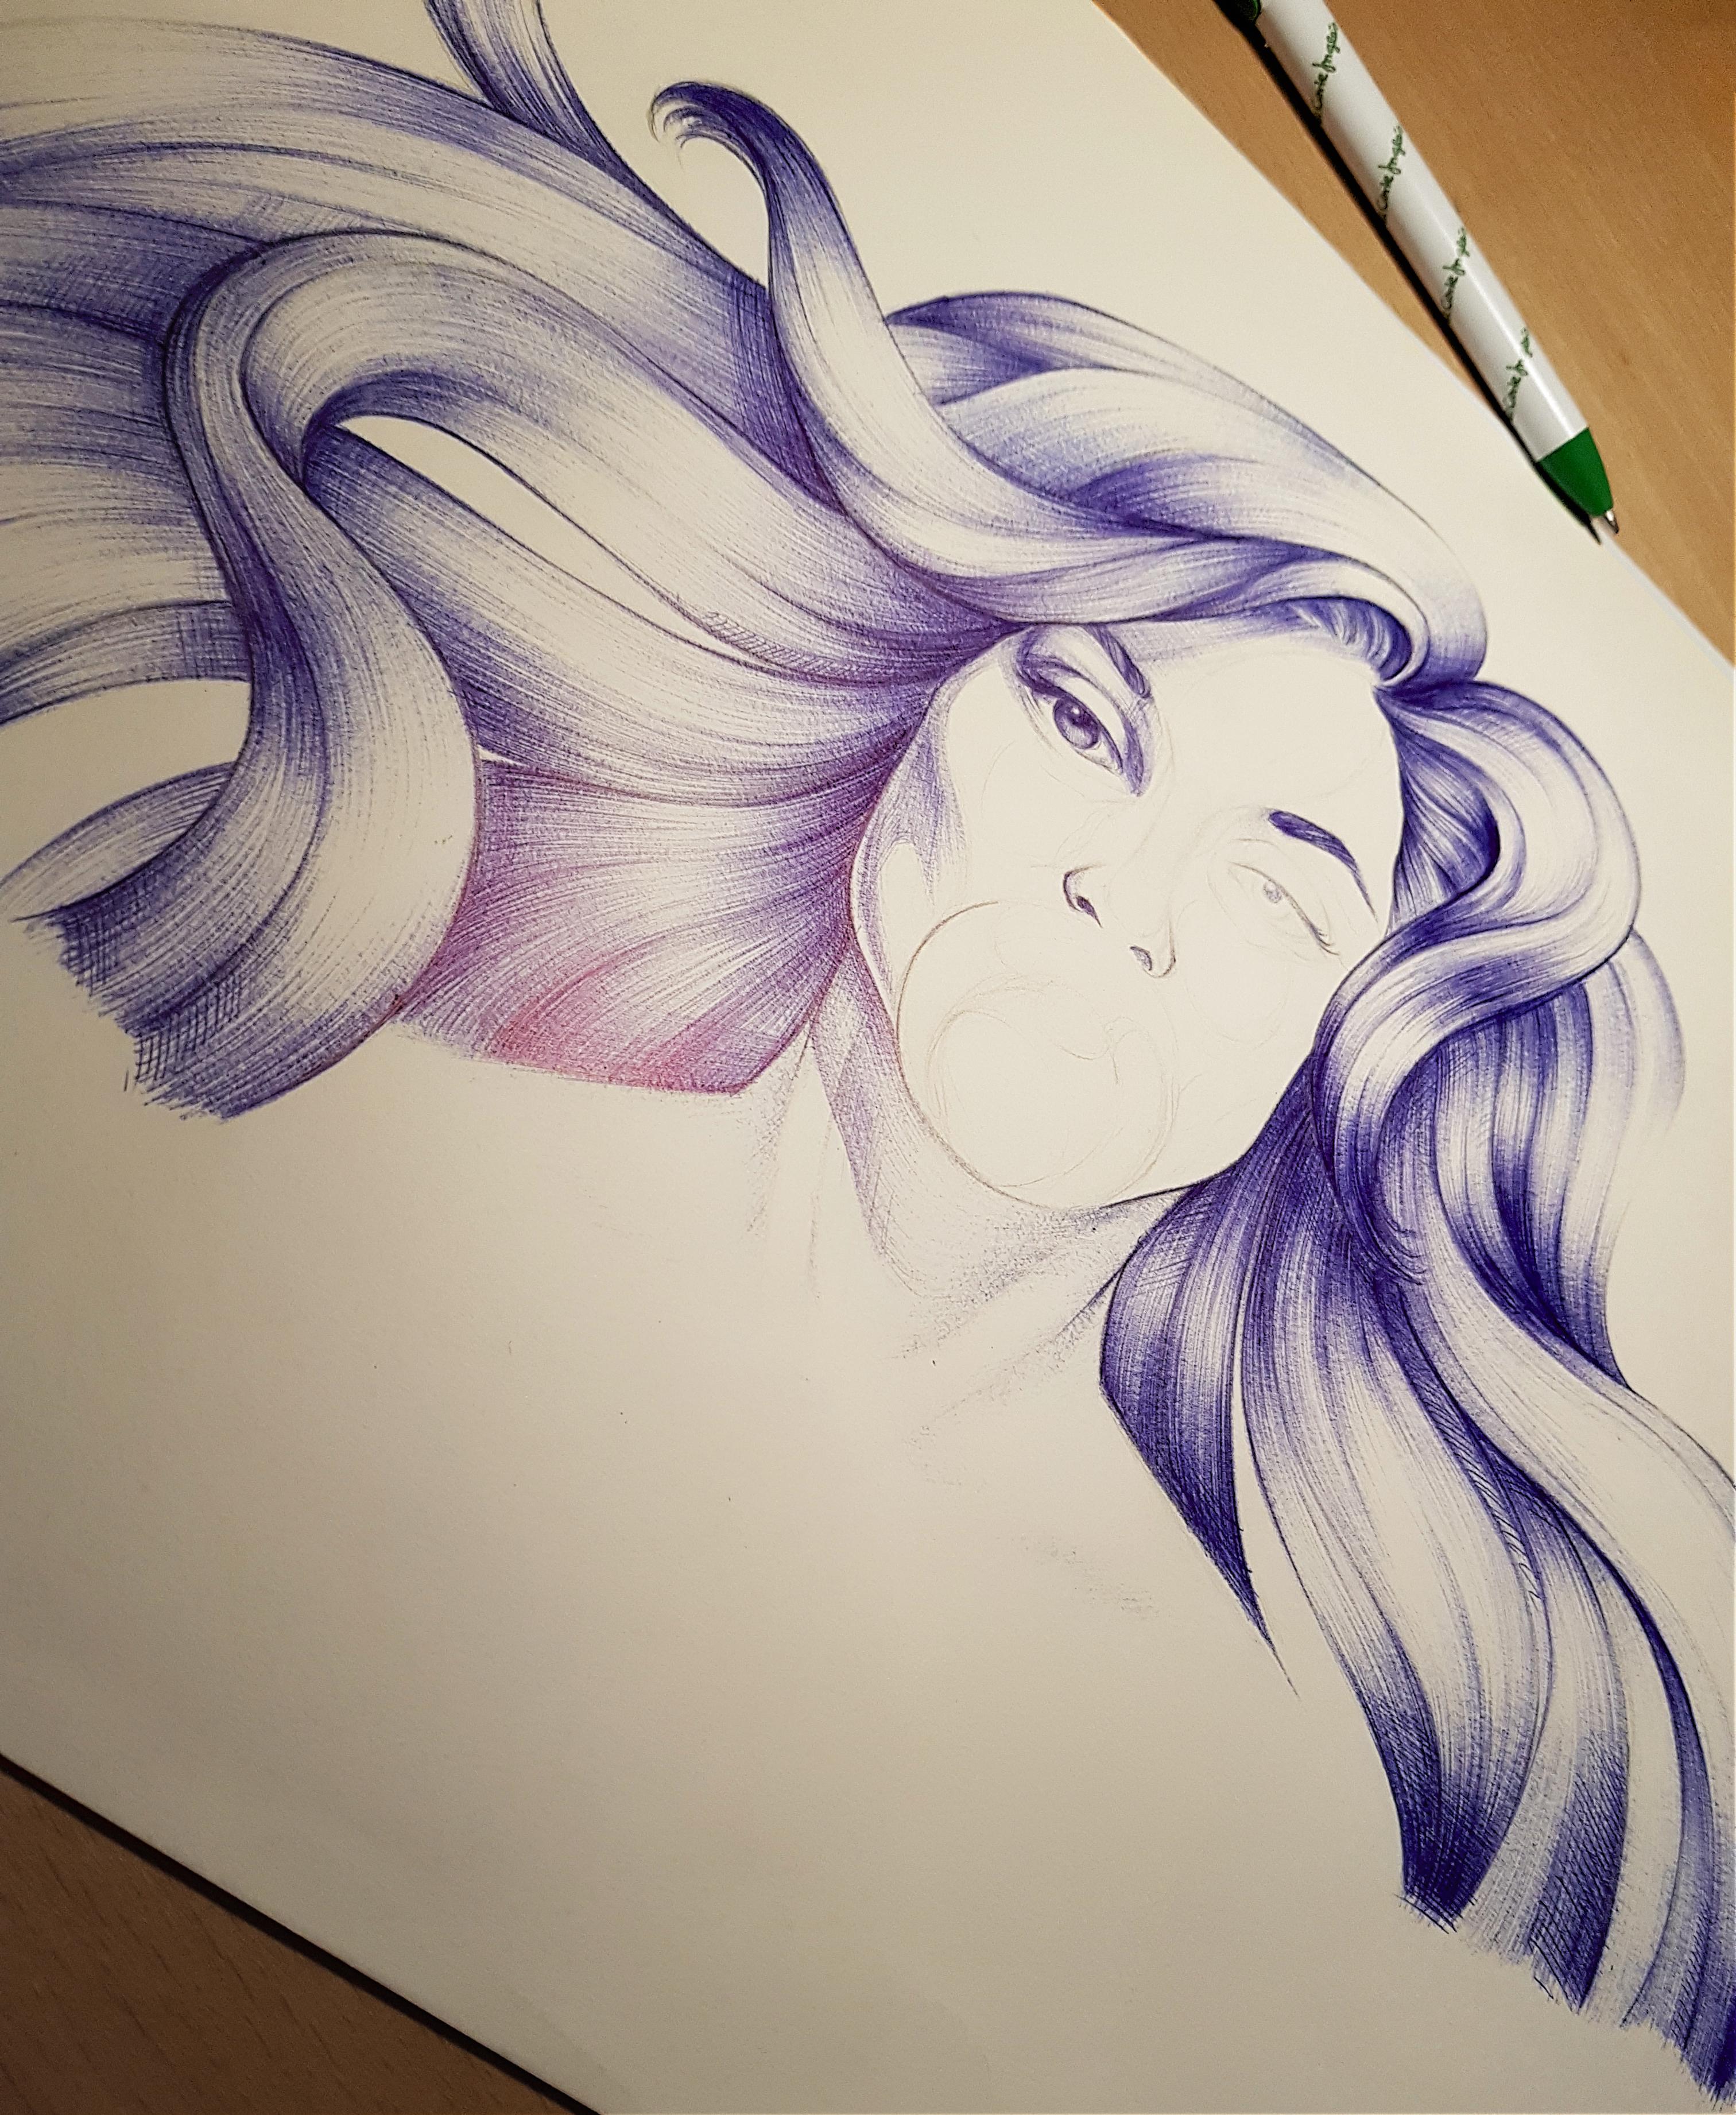 von-sketch2